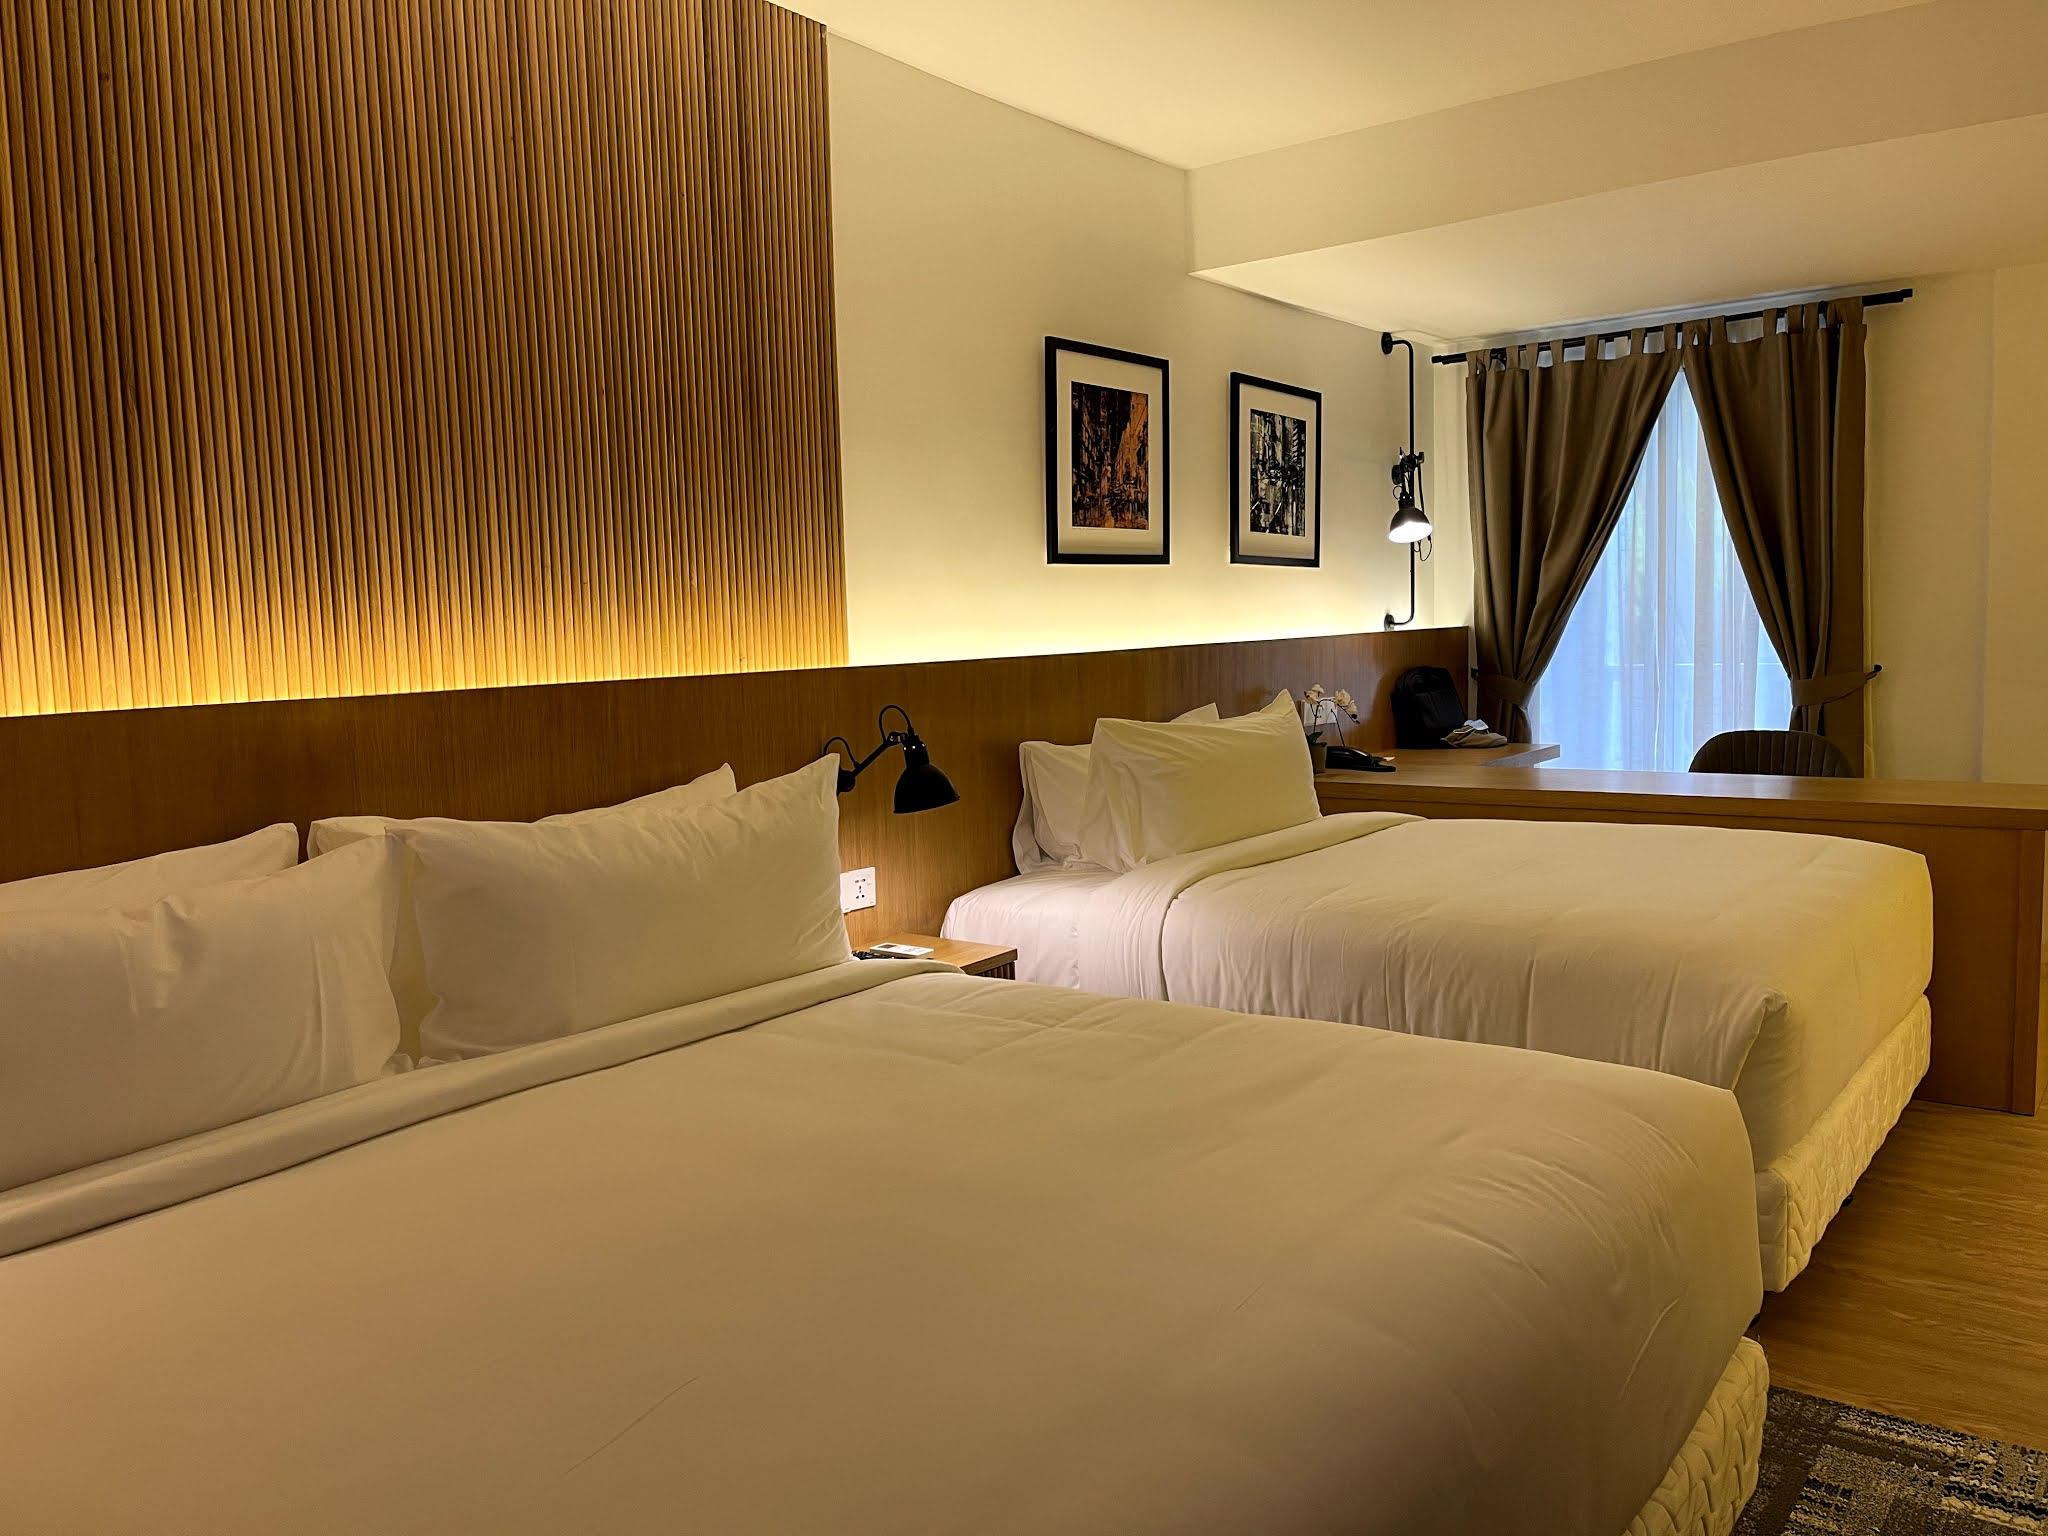 REVIEW JUJUR INDIE HOTEL KUALA LUMPUR